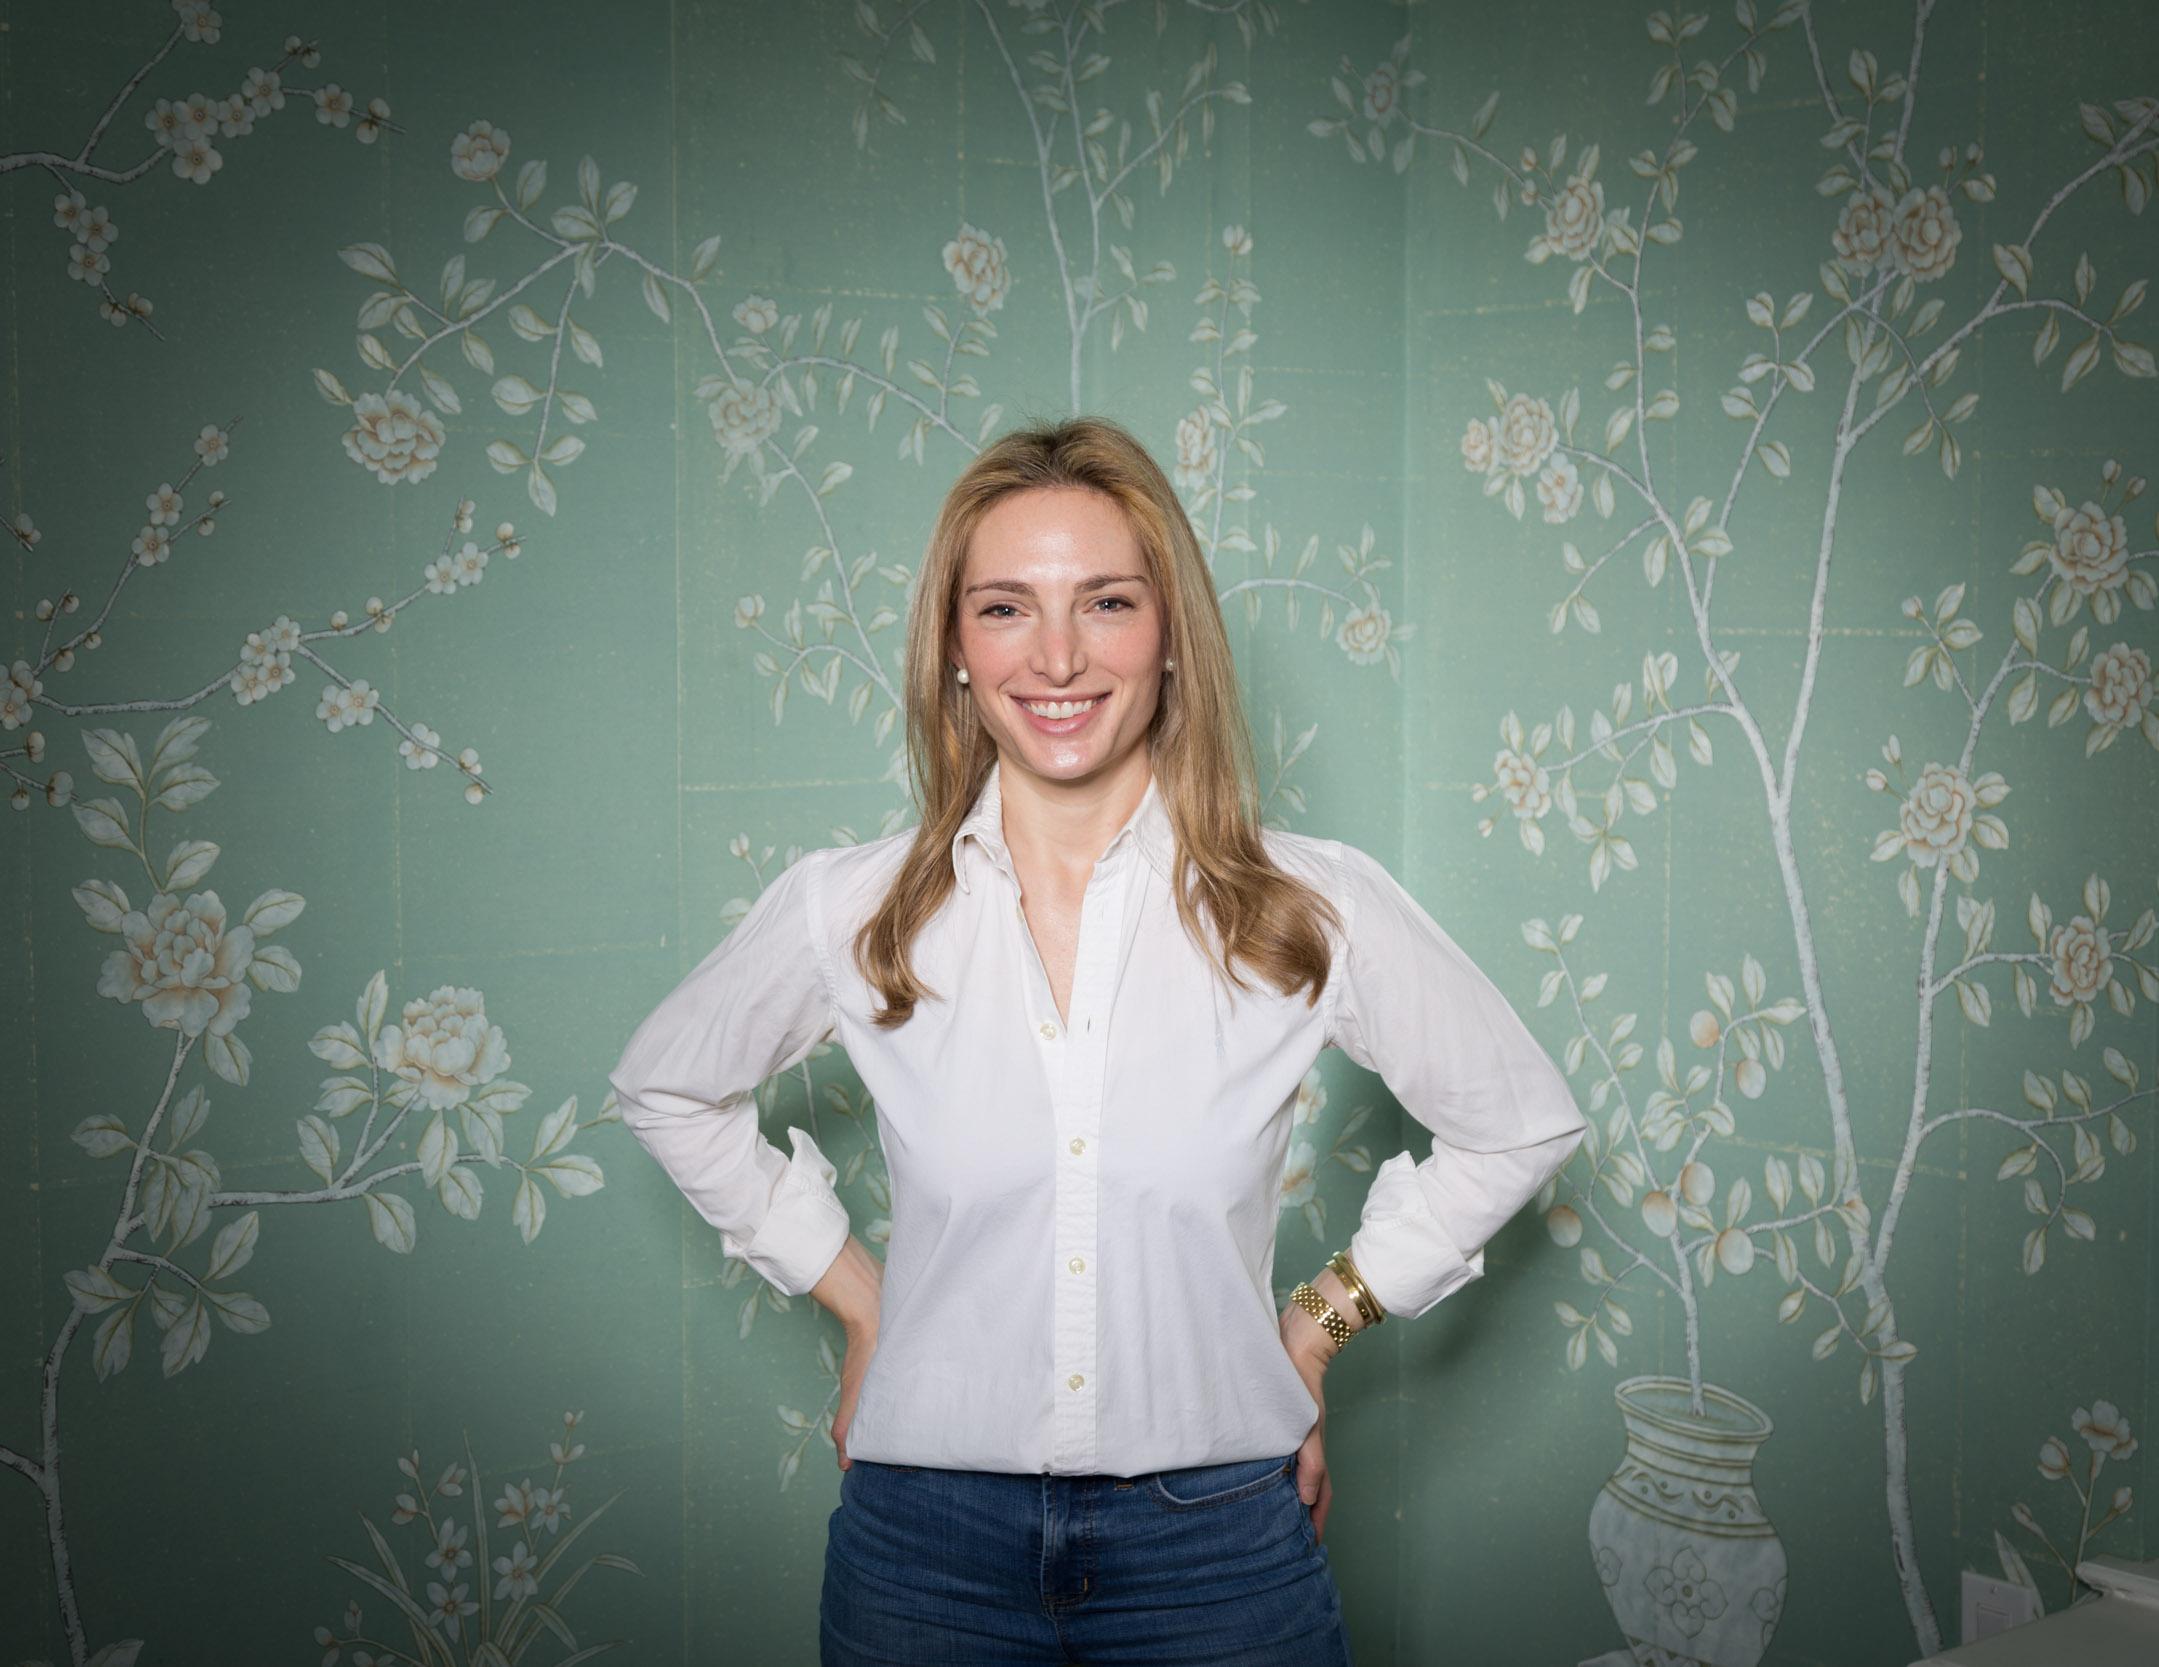 KARA GERSON - Board Member